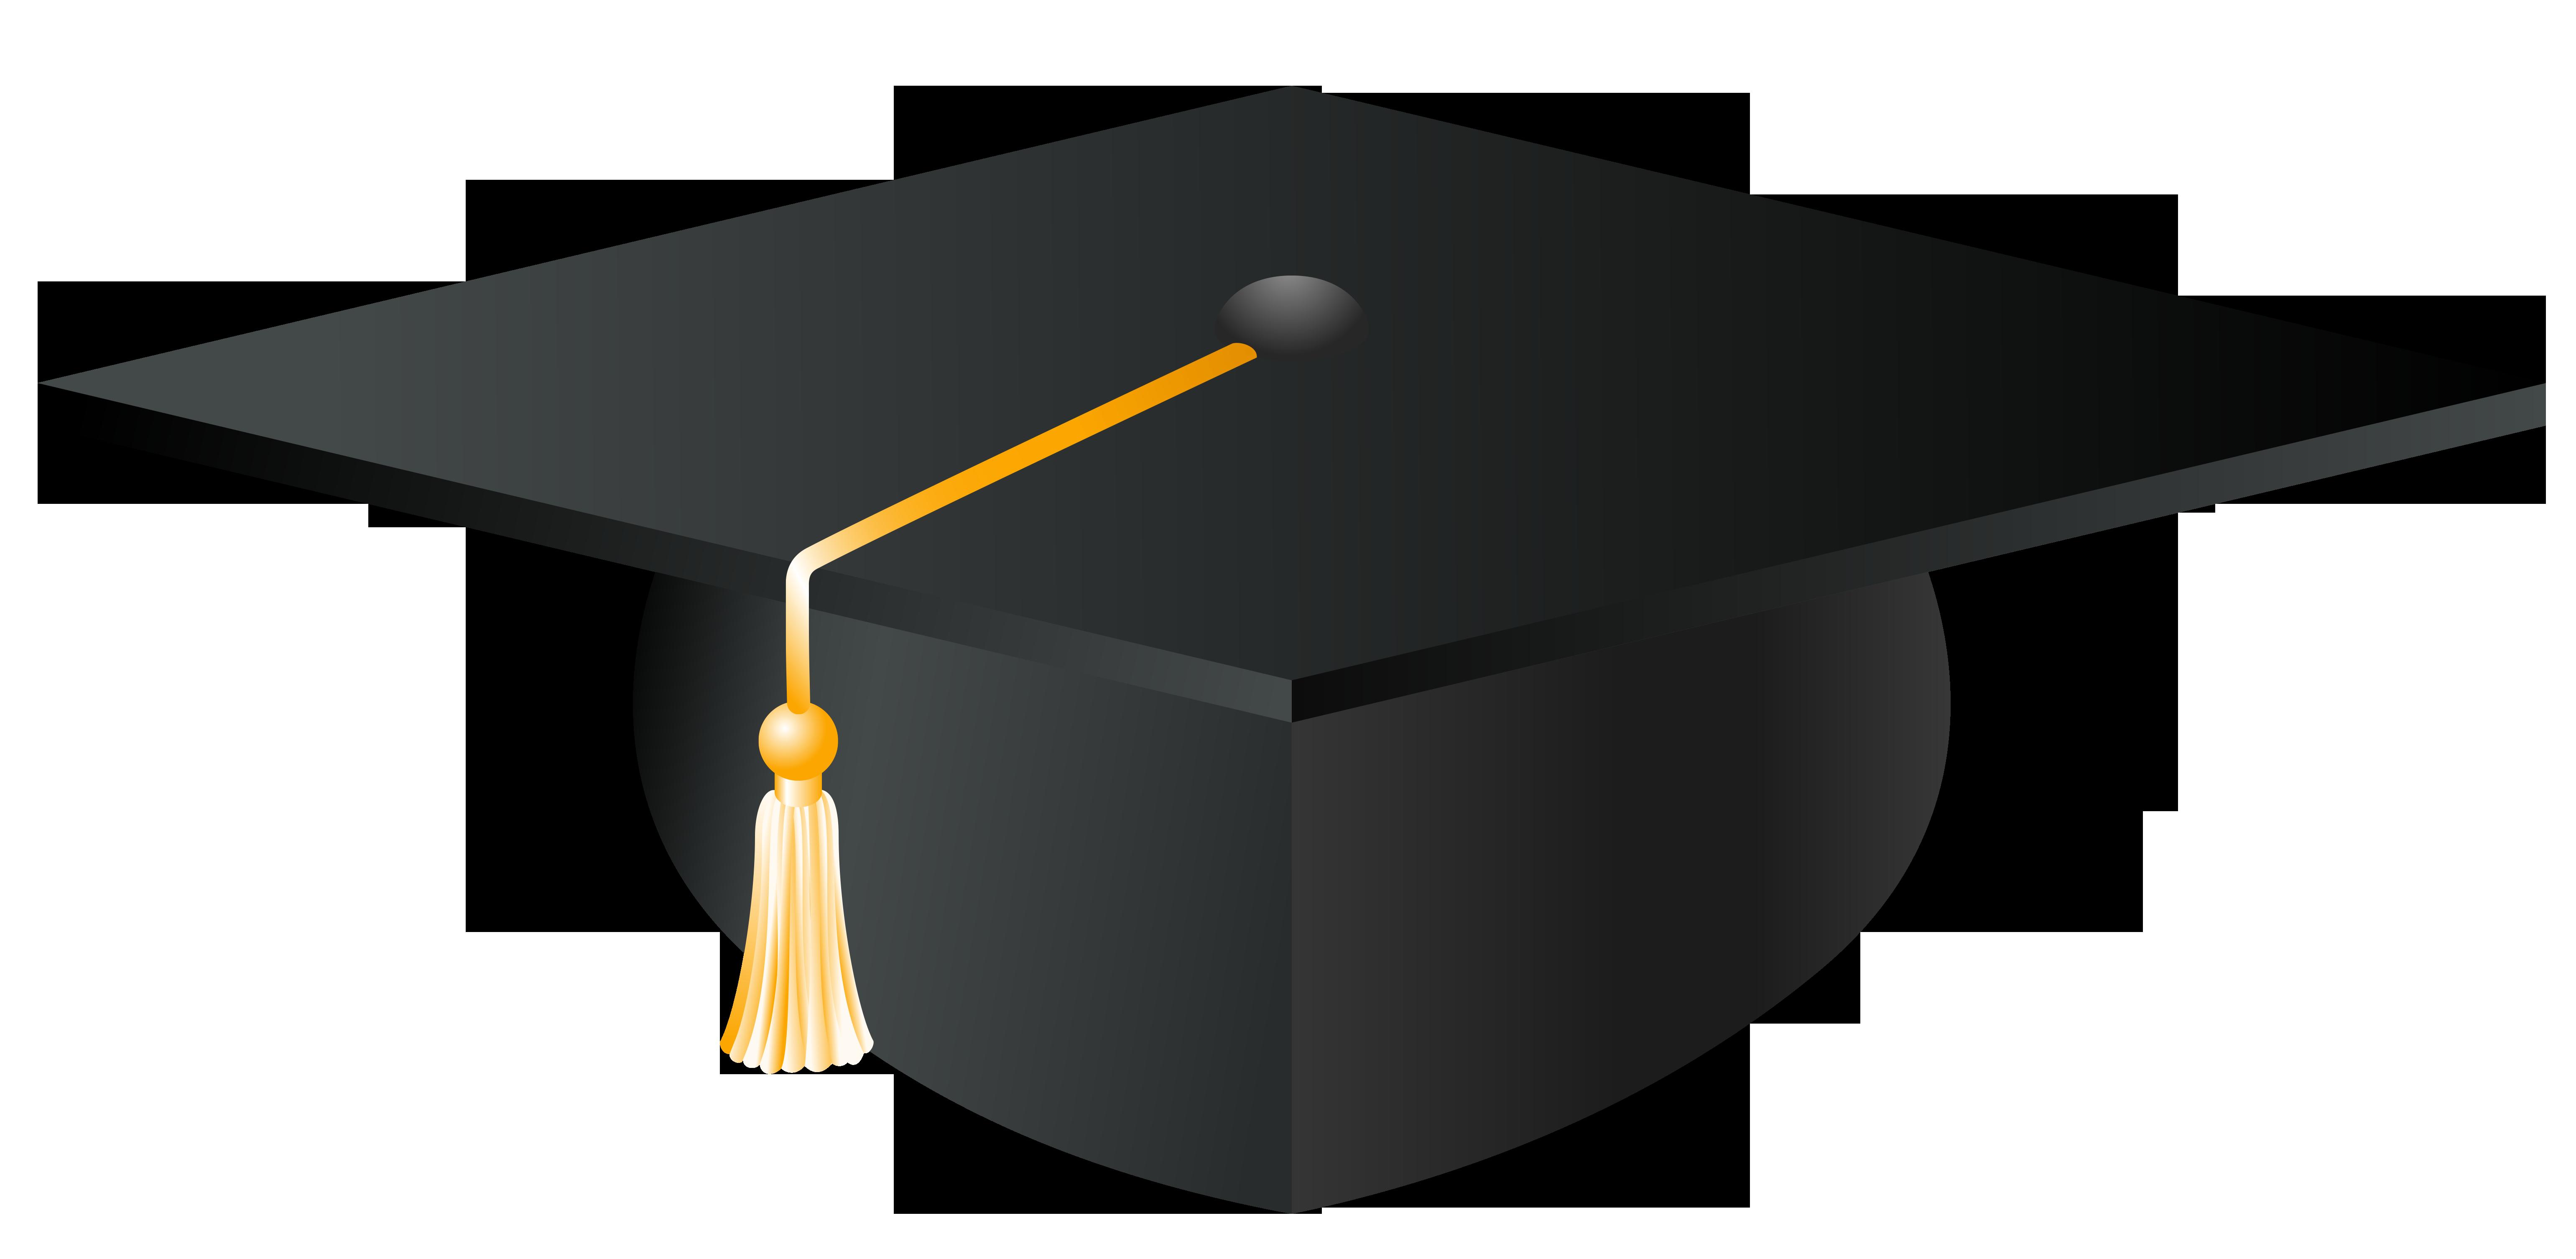 ... Graduation Cap PNG Vector Clipart Im-... Graduation Cap PNG Vector Clipart Image ...-10